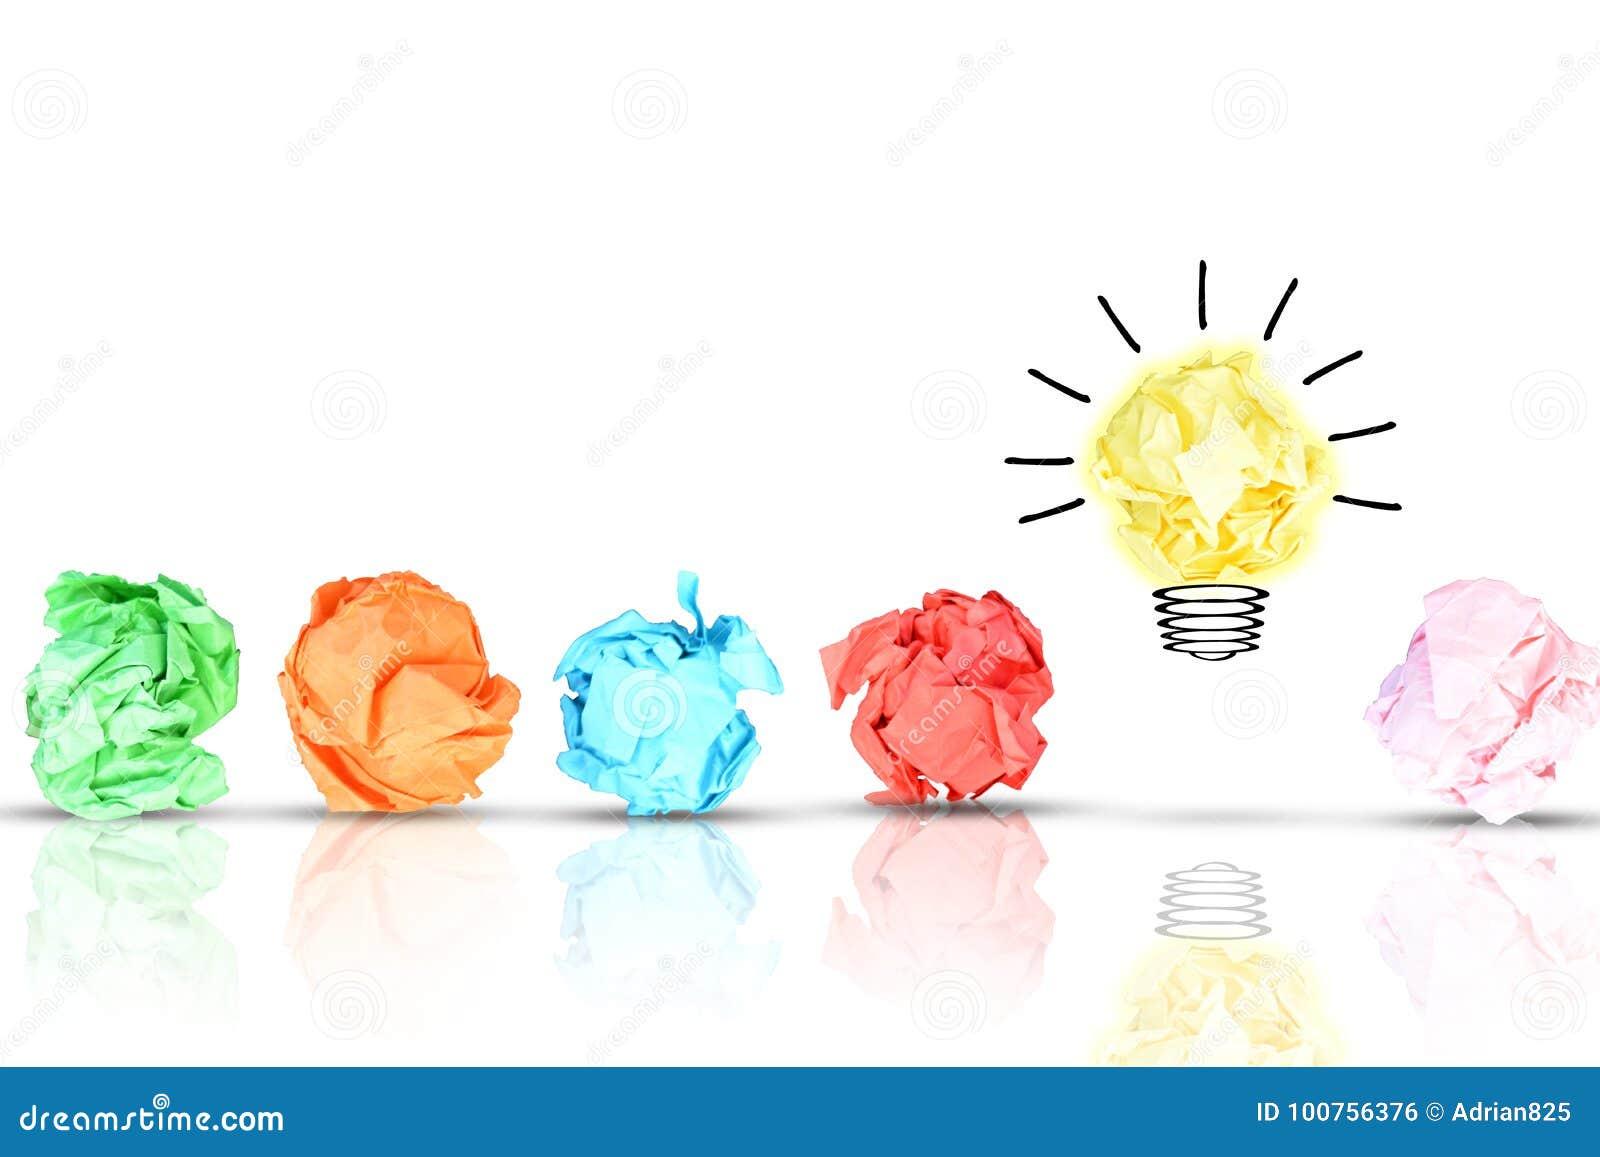 O conceito da descoberta com pedaços de papel amarrotados coloridos múltiplos em torno de uma ampola brilhante amarela deu forma